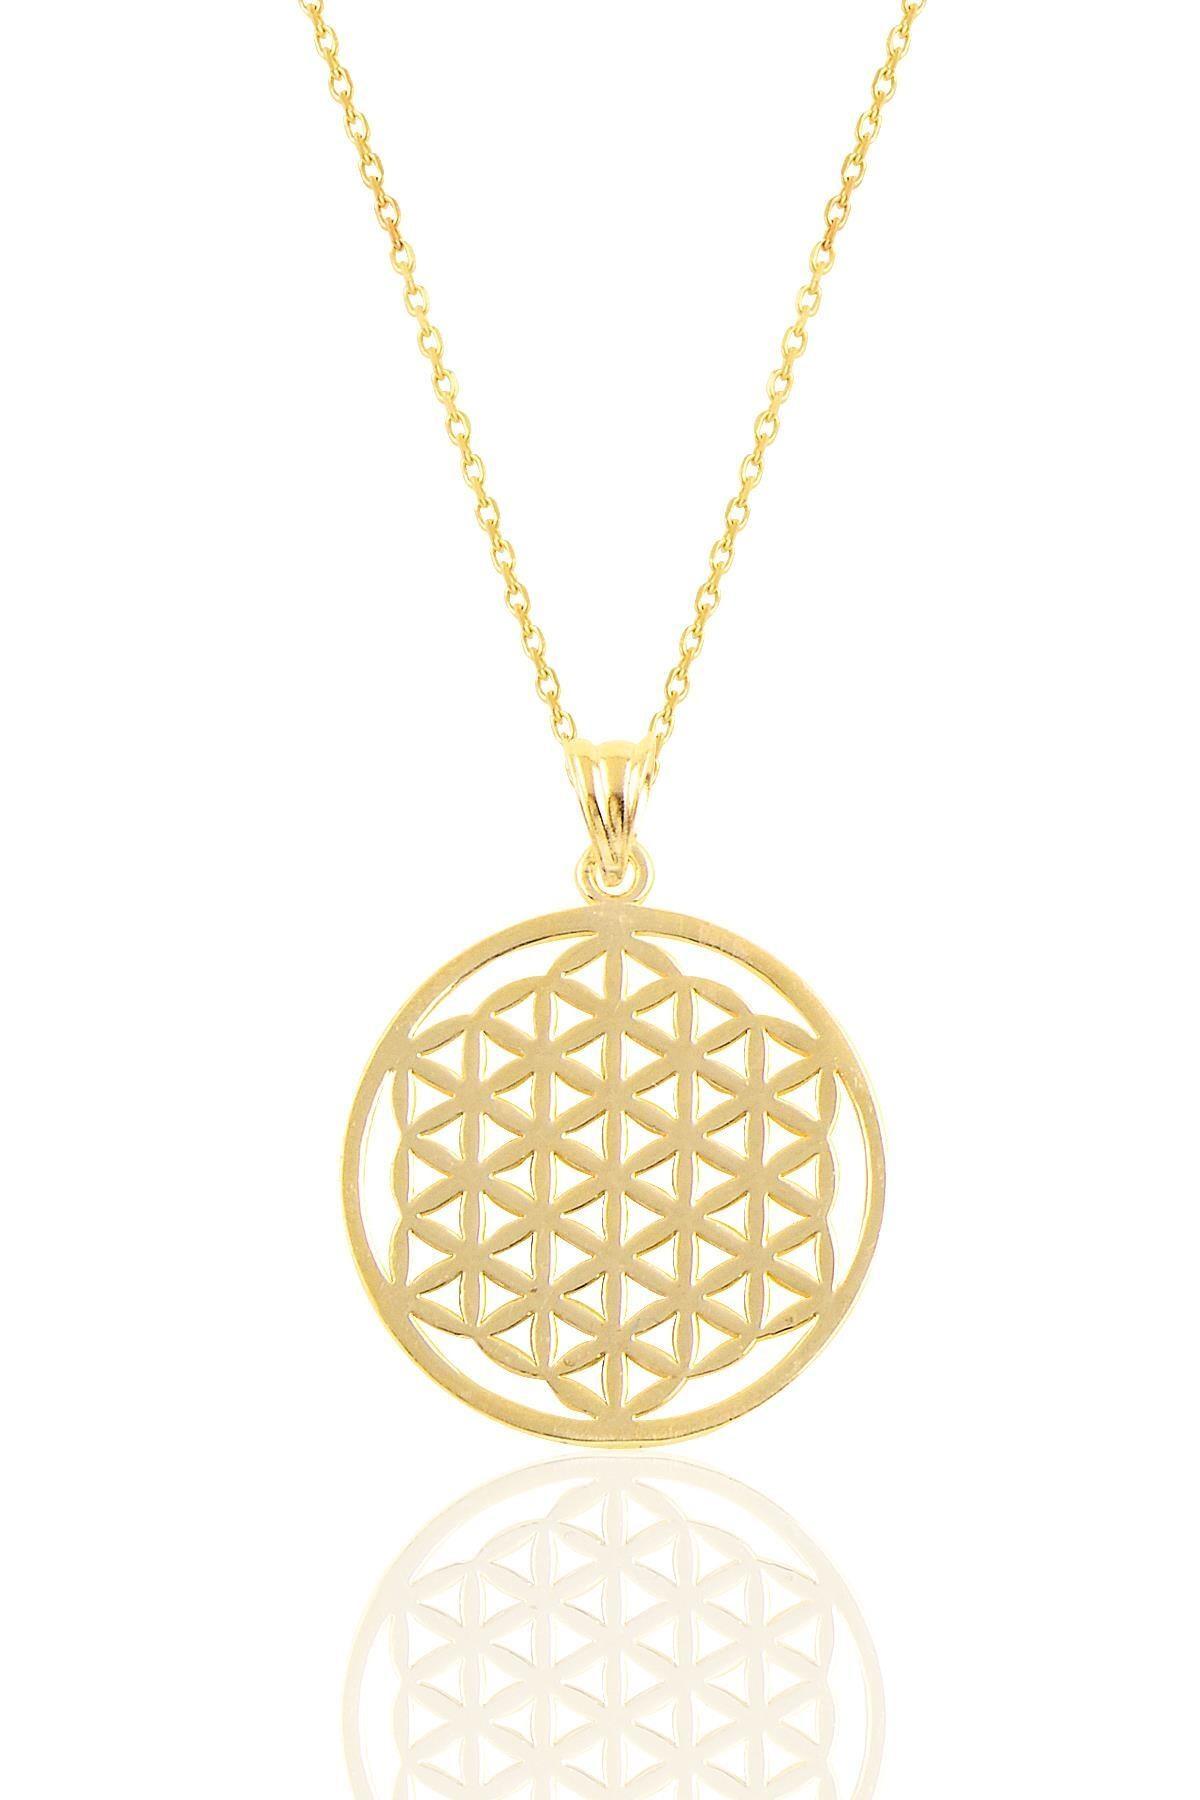 Söğütlü Silver Gümüş Altın Yaldızlı  Yaşam Çiçeği Kolye 0